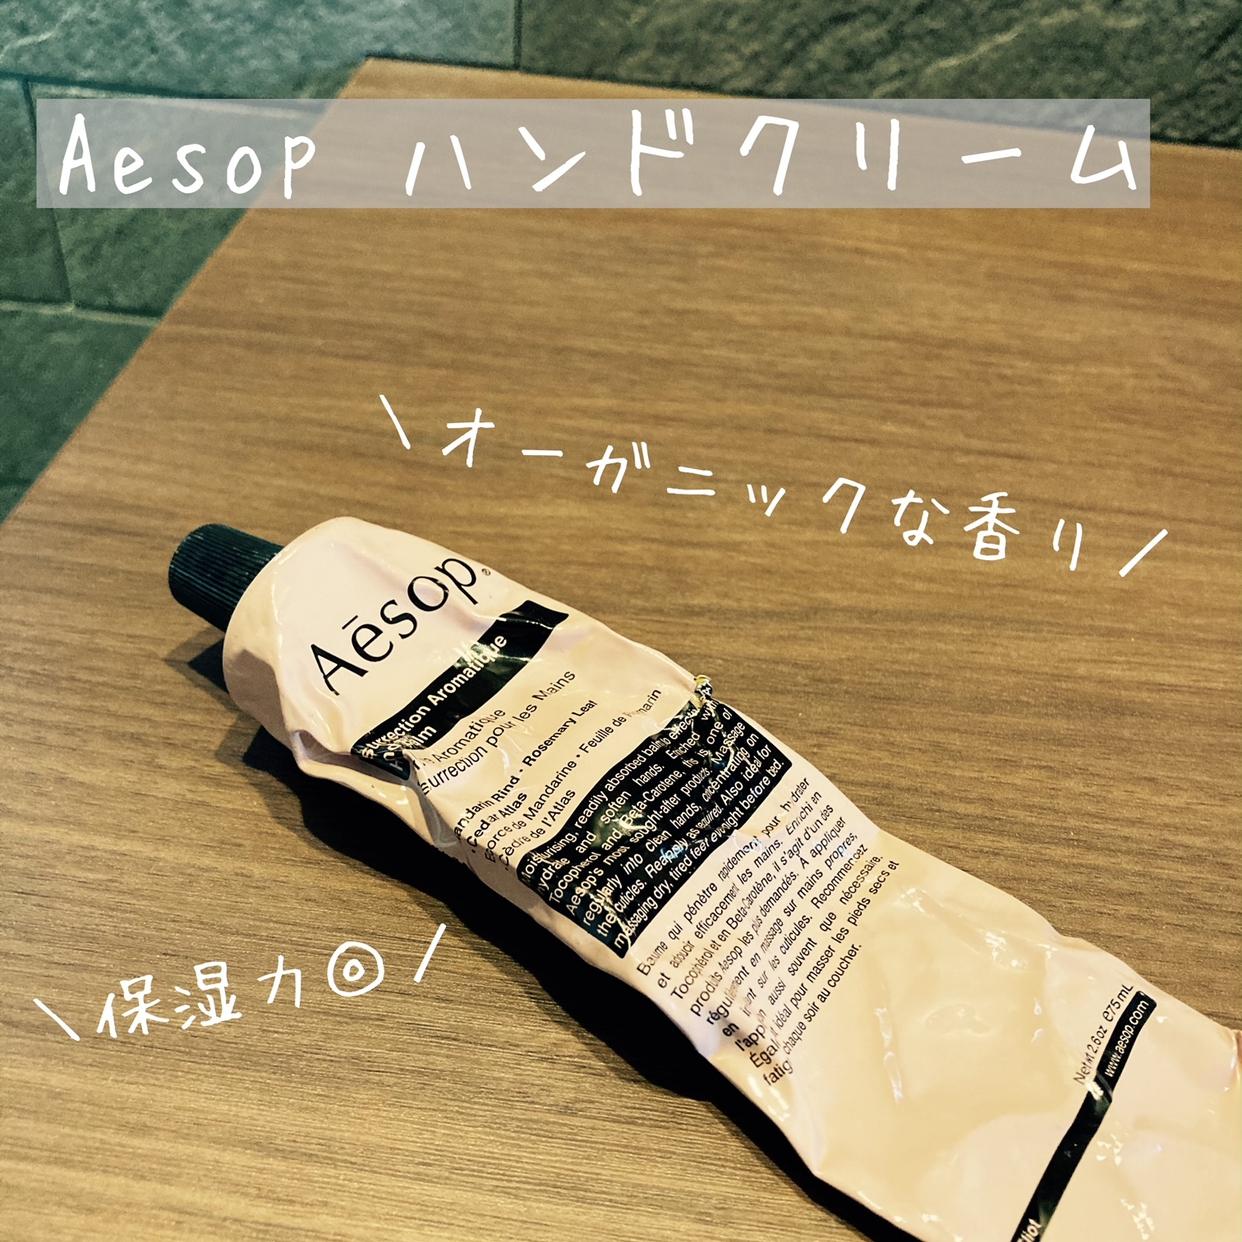 Aesop(イソップ) レスレクション ハンドバームを使ったminori**さんのクチコミ画像